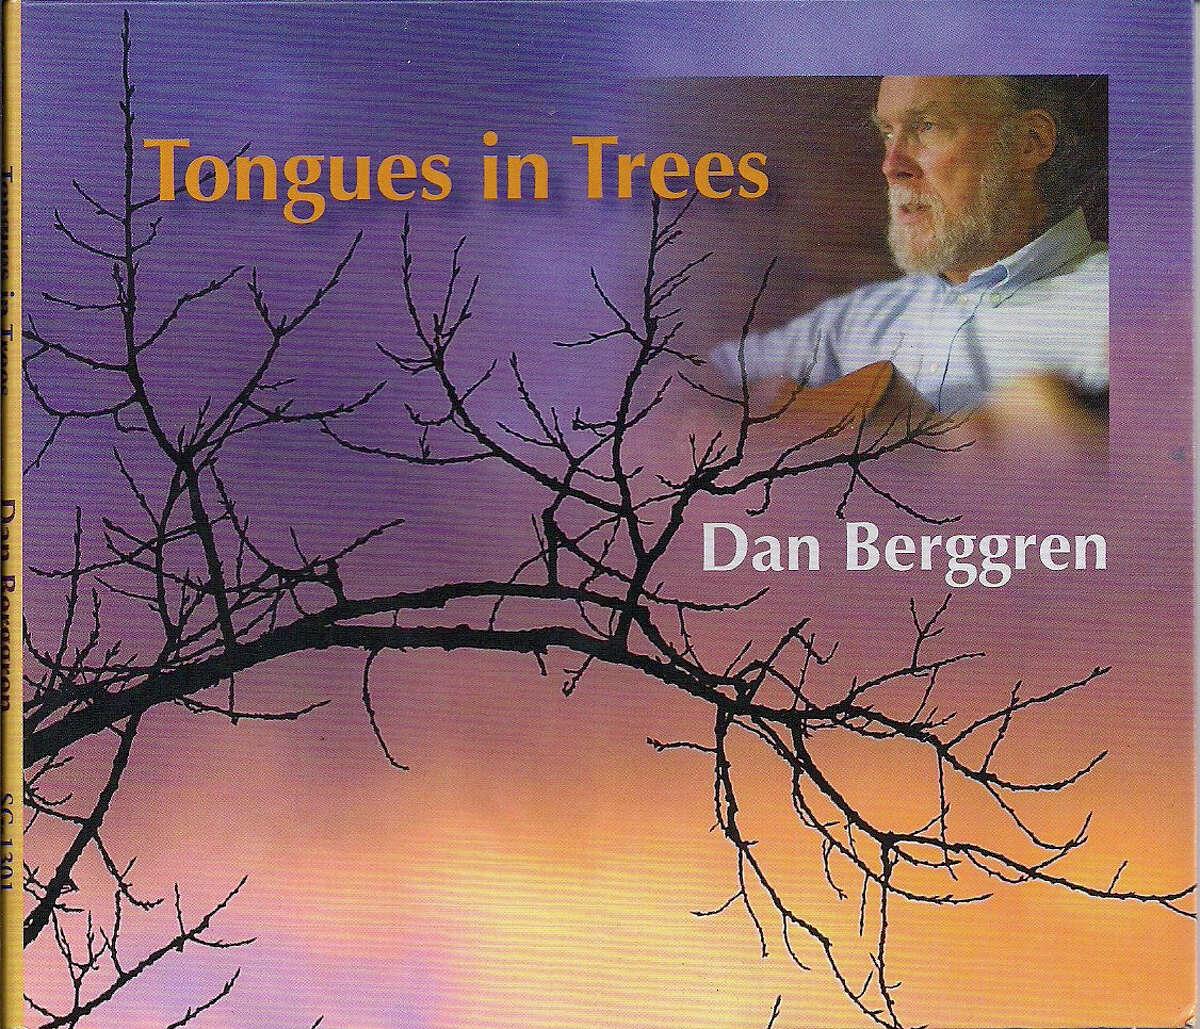 Dan Berggren's